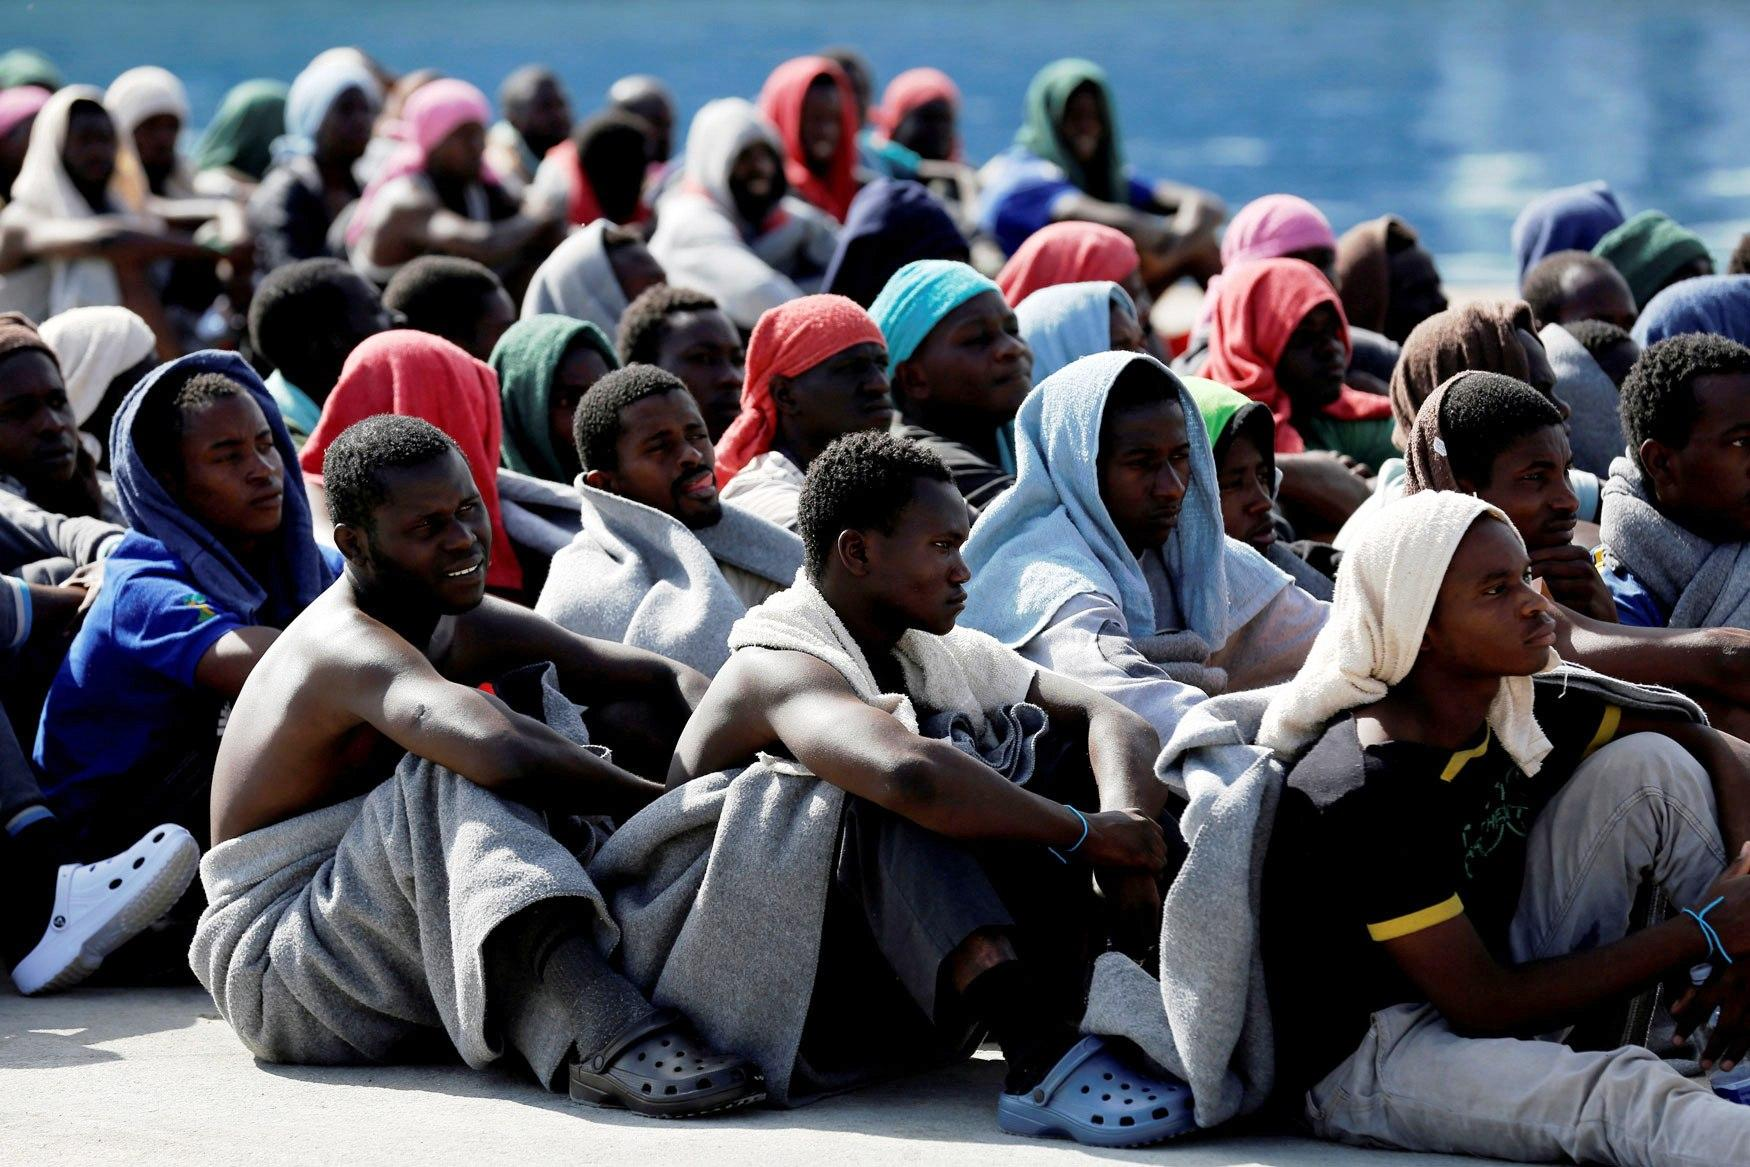 مُخيّمات لإيواء المهاجرين : أورويا تُدير ظهرها لتونس والجزائر وليبيا والمغرب ومصر